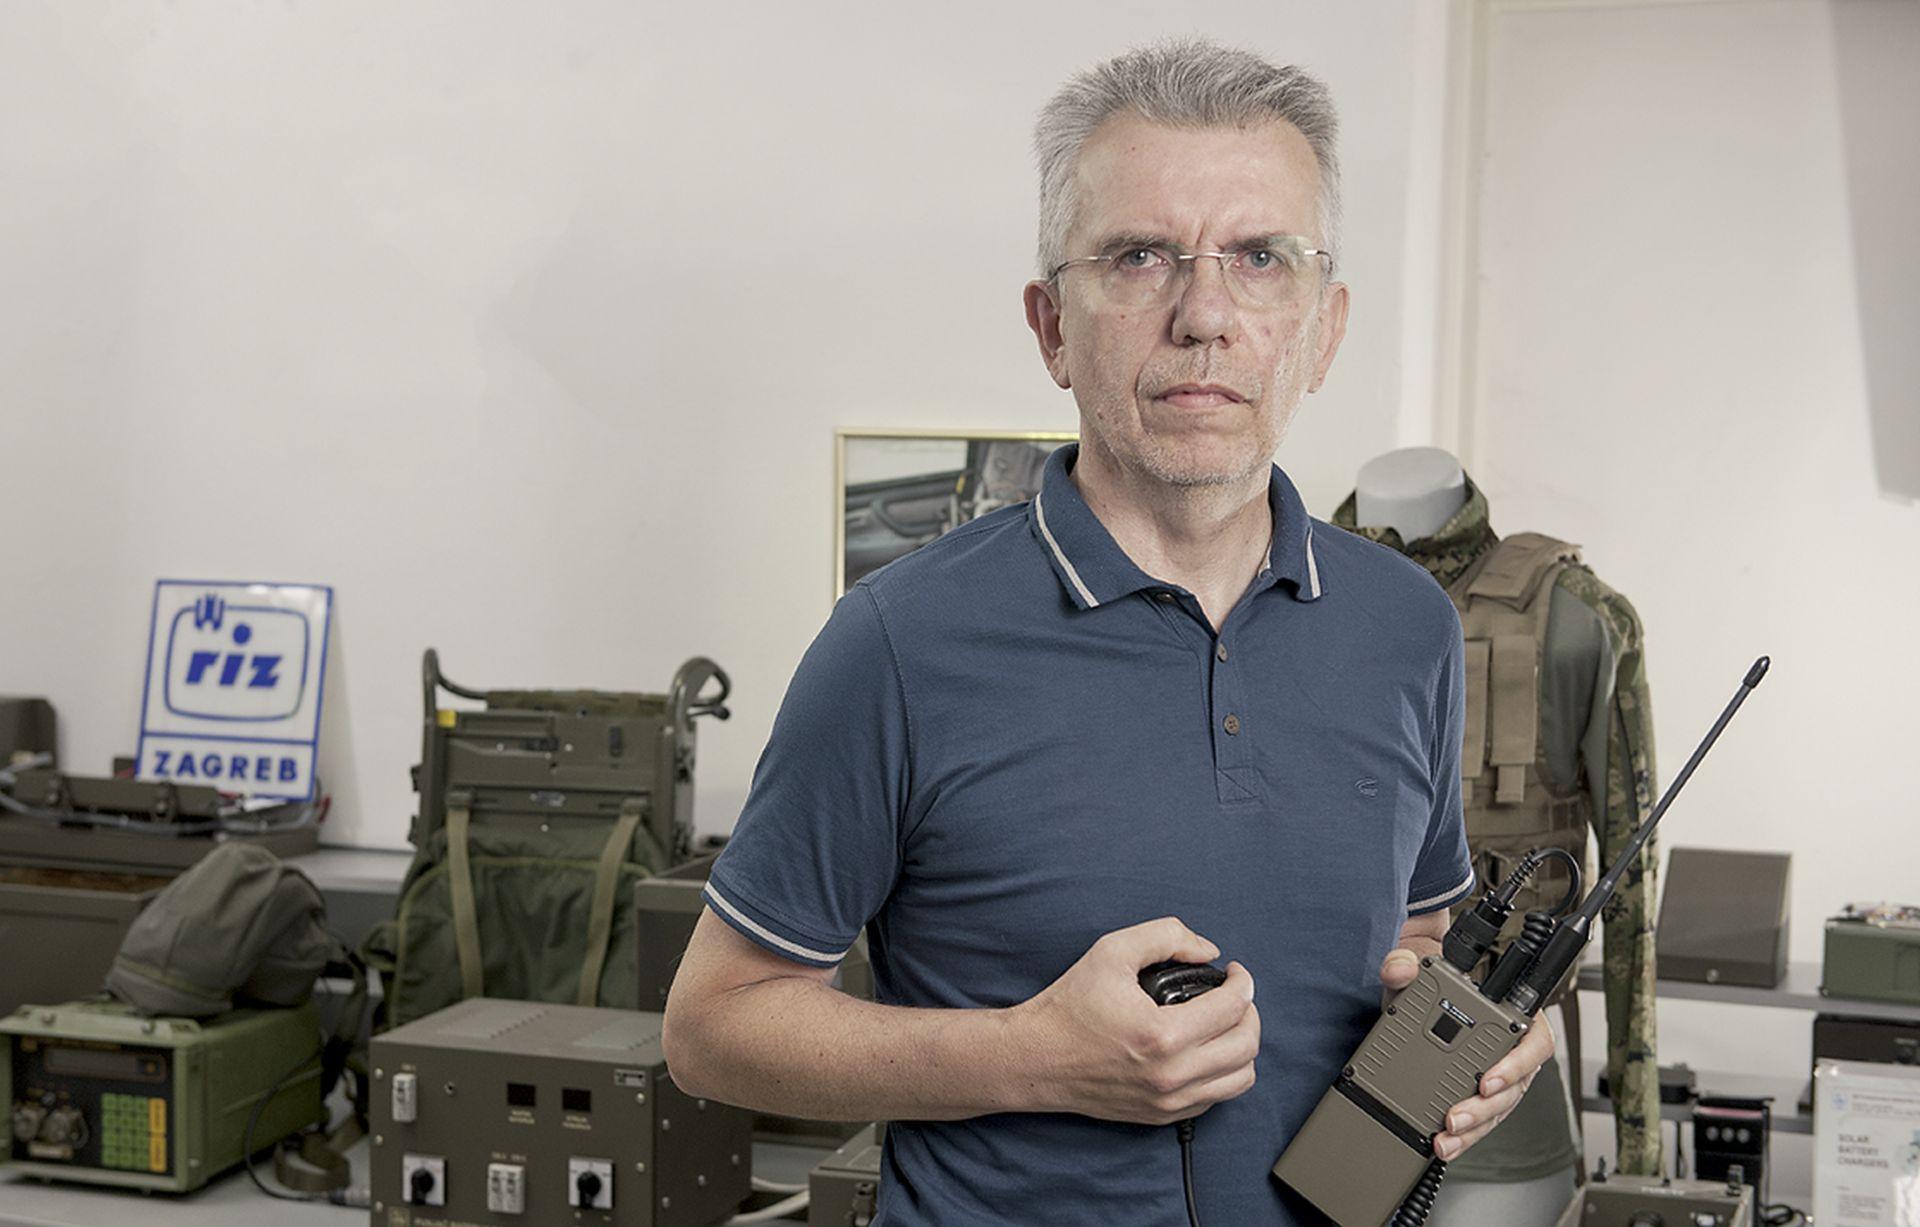 SMILJANIĆ 'Naš radio za vojnike ima veliki potencijal na svjetskom vojnom tržištu'